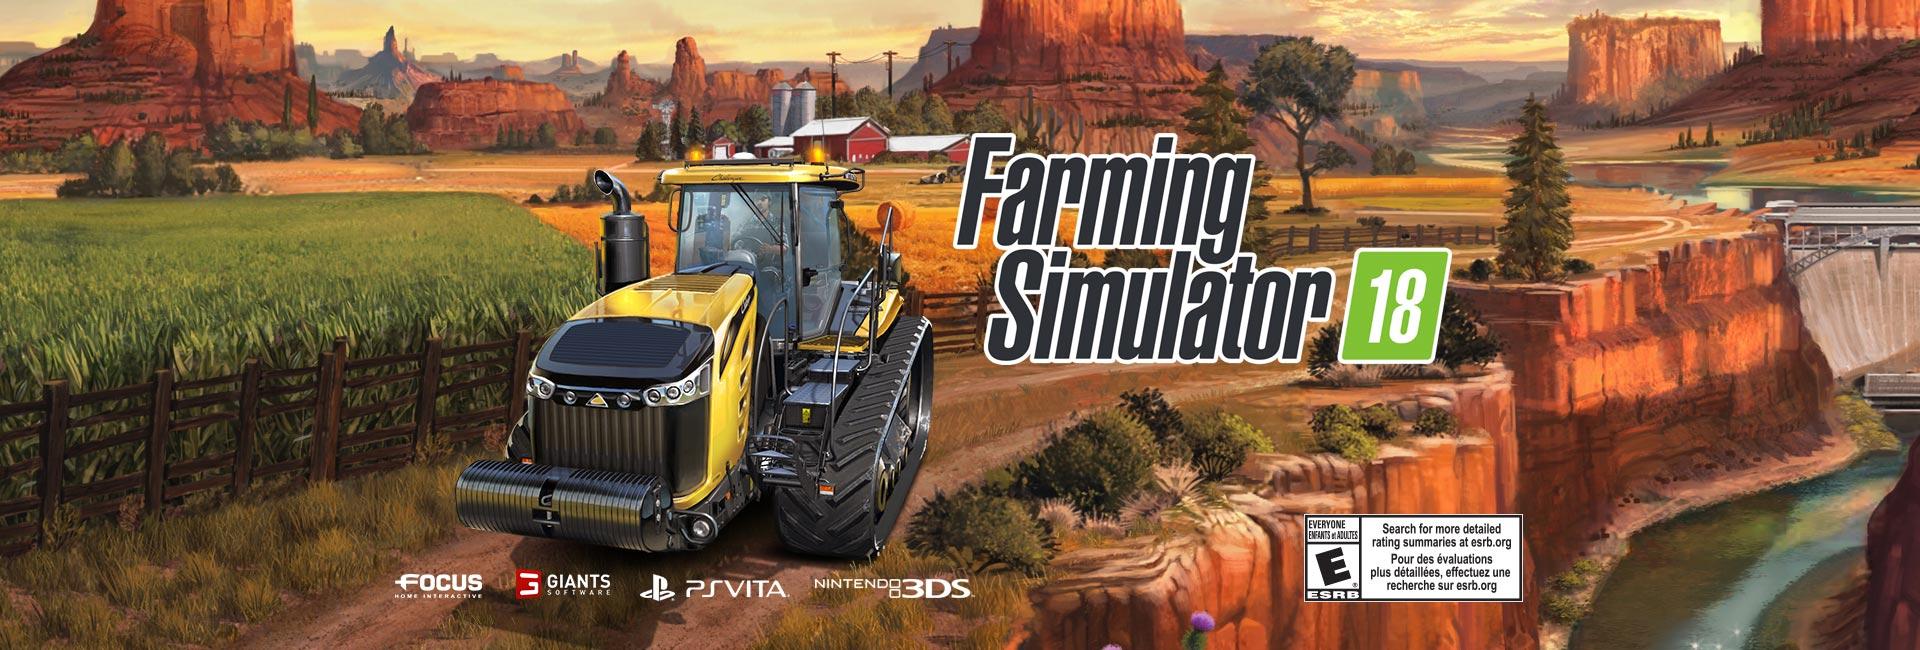 Resultado de imagem para farming simulator 18